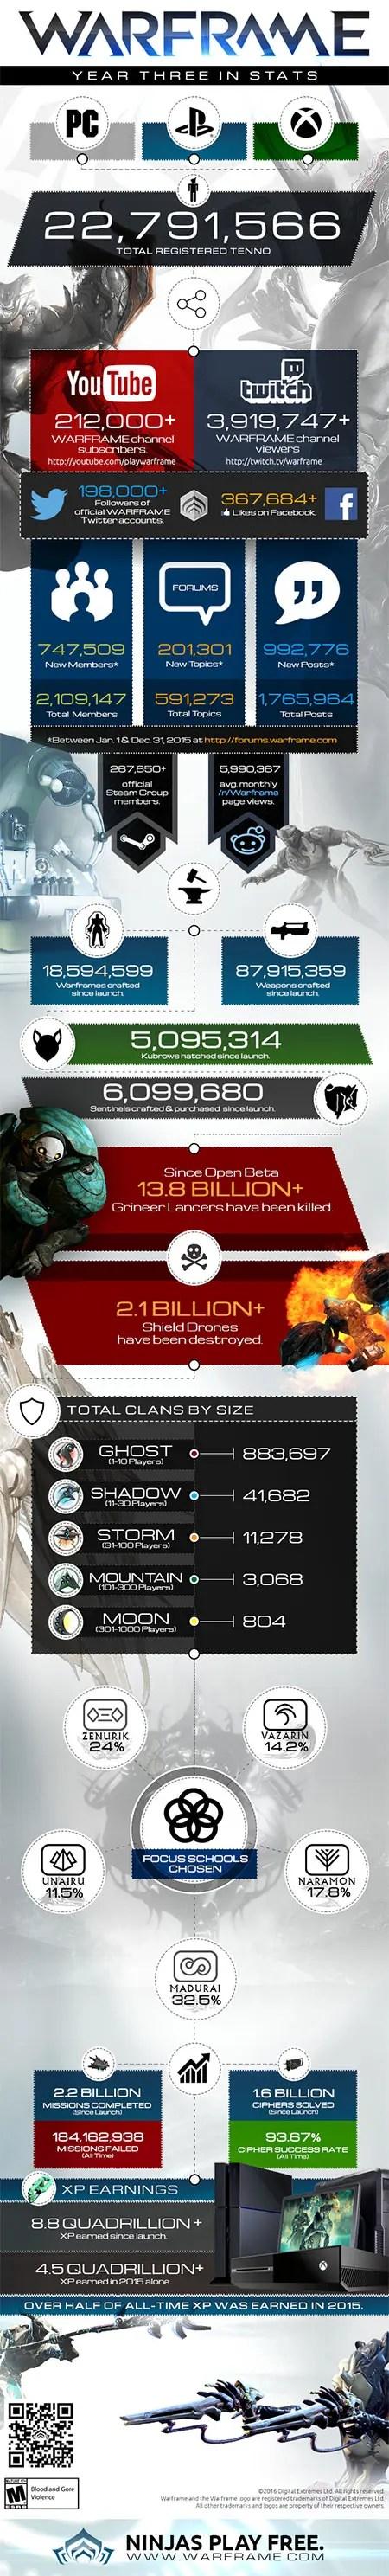 warframe-infographic-year-three